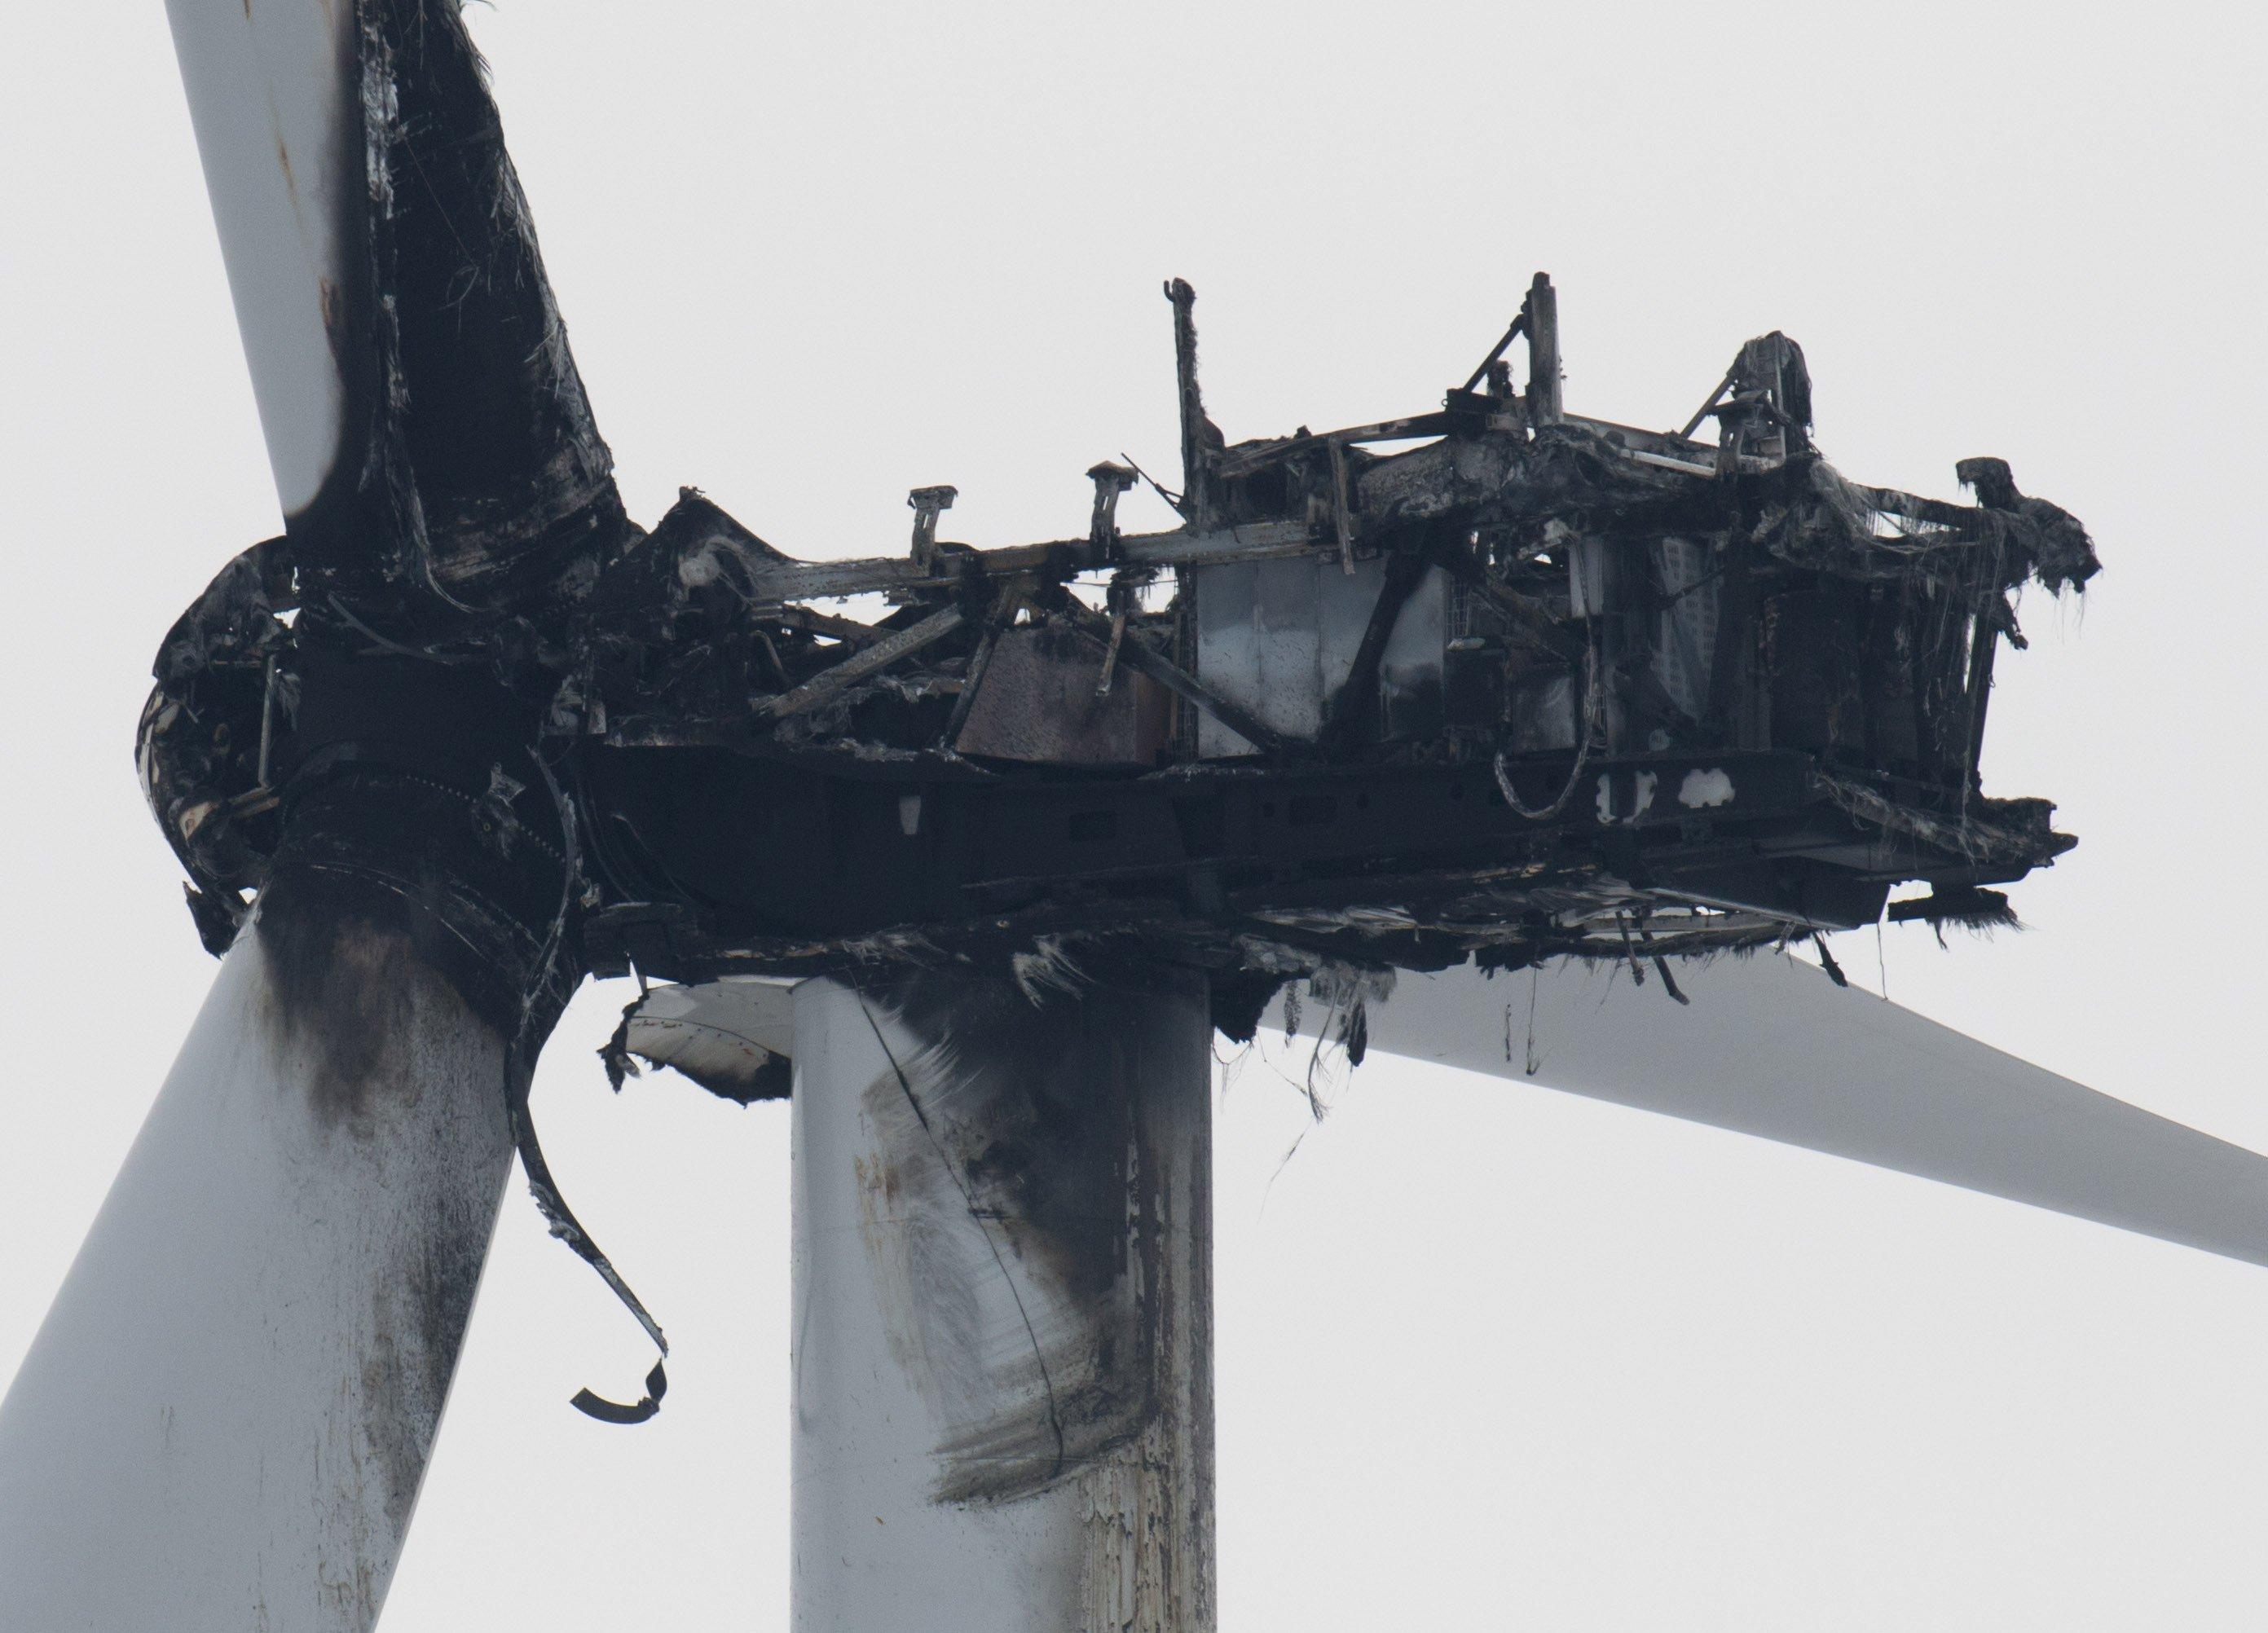 Ein Brand führt meist zum Totalschaden der Windturbine. Die Masten sind für die Feuerwehrleitern zu hoch, die Gefahr für Feuerwehrmänner ist zu hoch, durch abstürzende Rotorblätter verletzt zu werden.